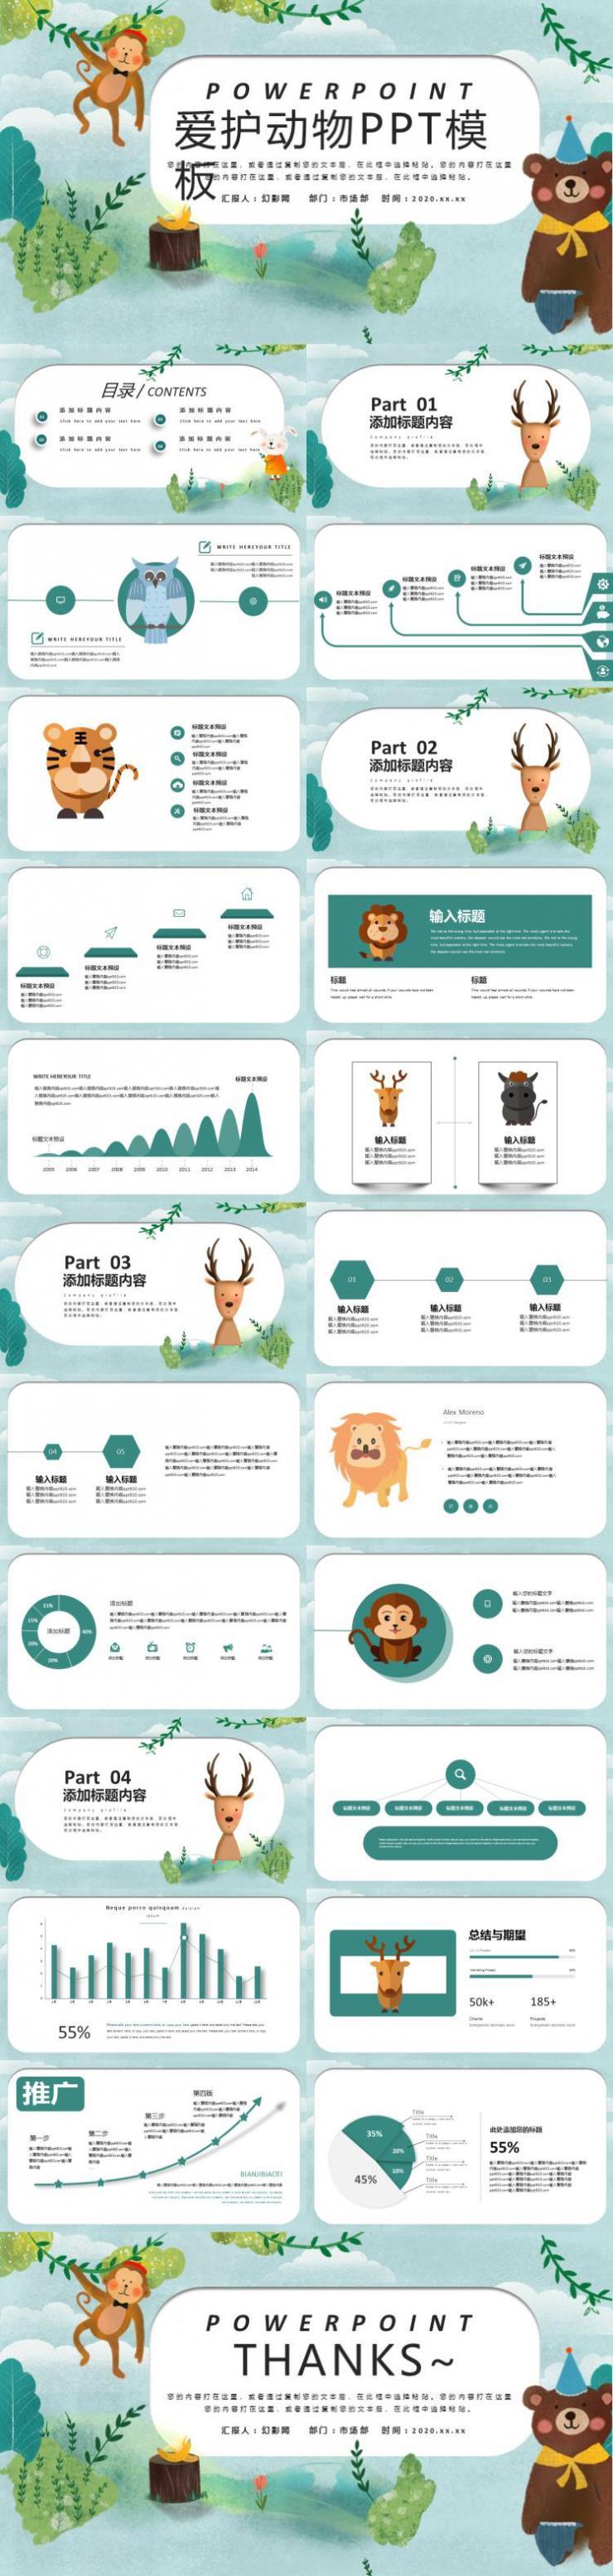 可爱卡通爱护动物PPT模板